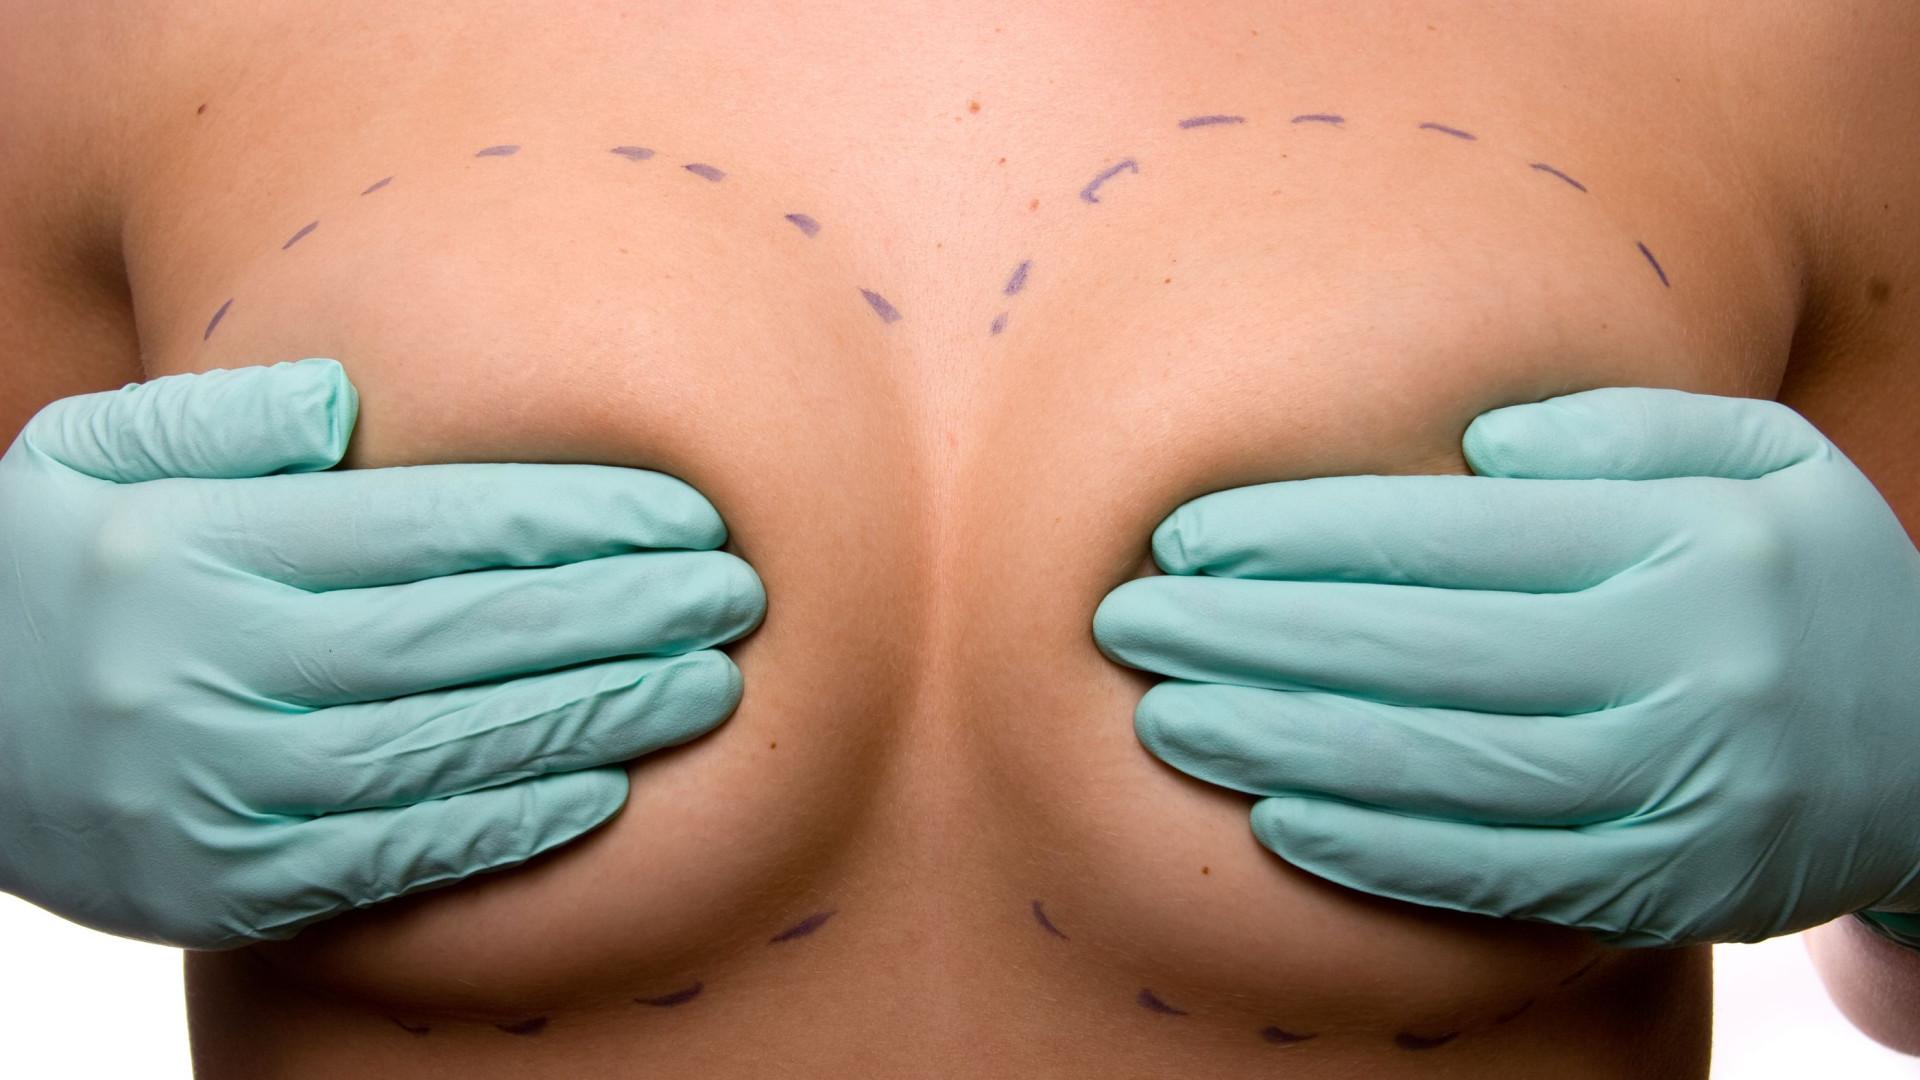 Será que provoca cancro da mama? Desvende 8 mitos sobre a mamoplastia